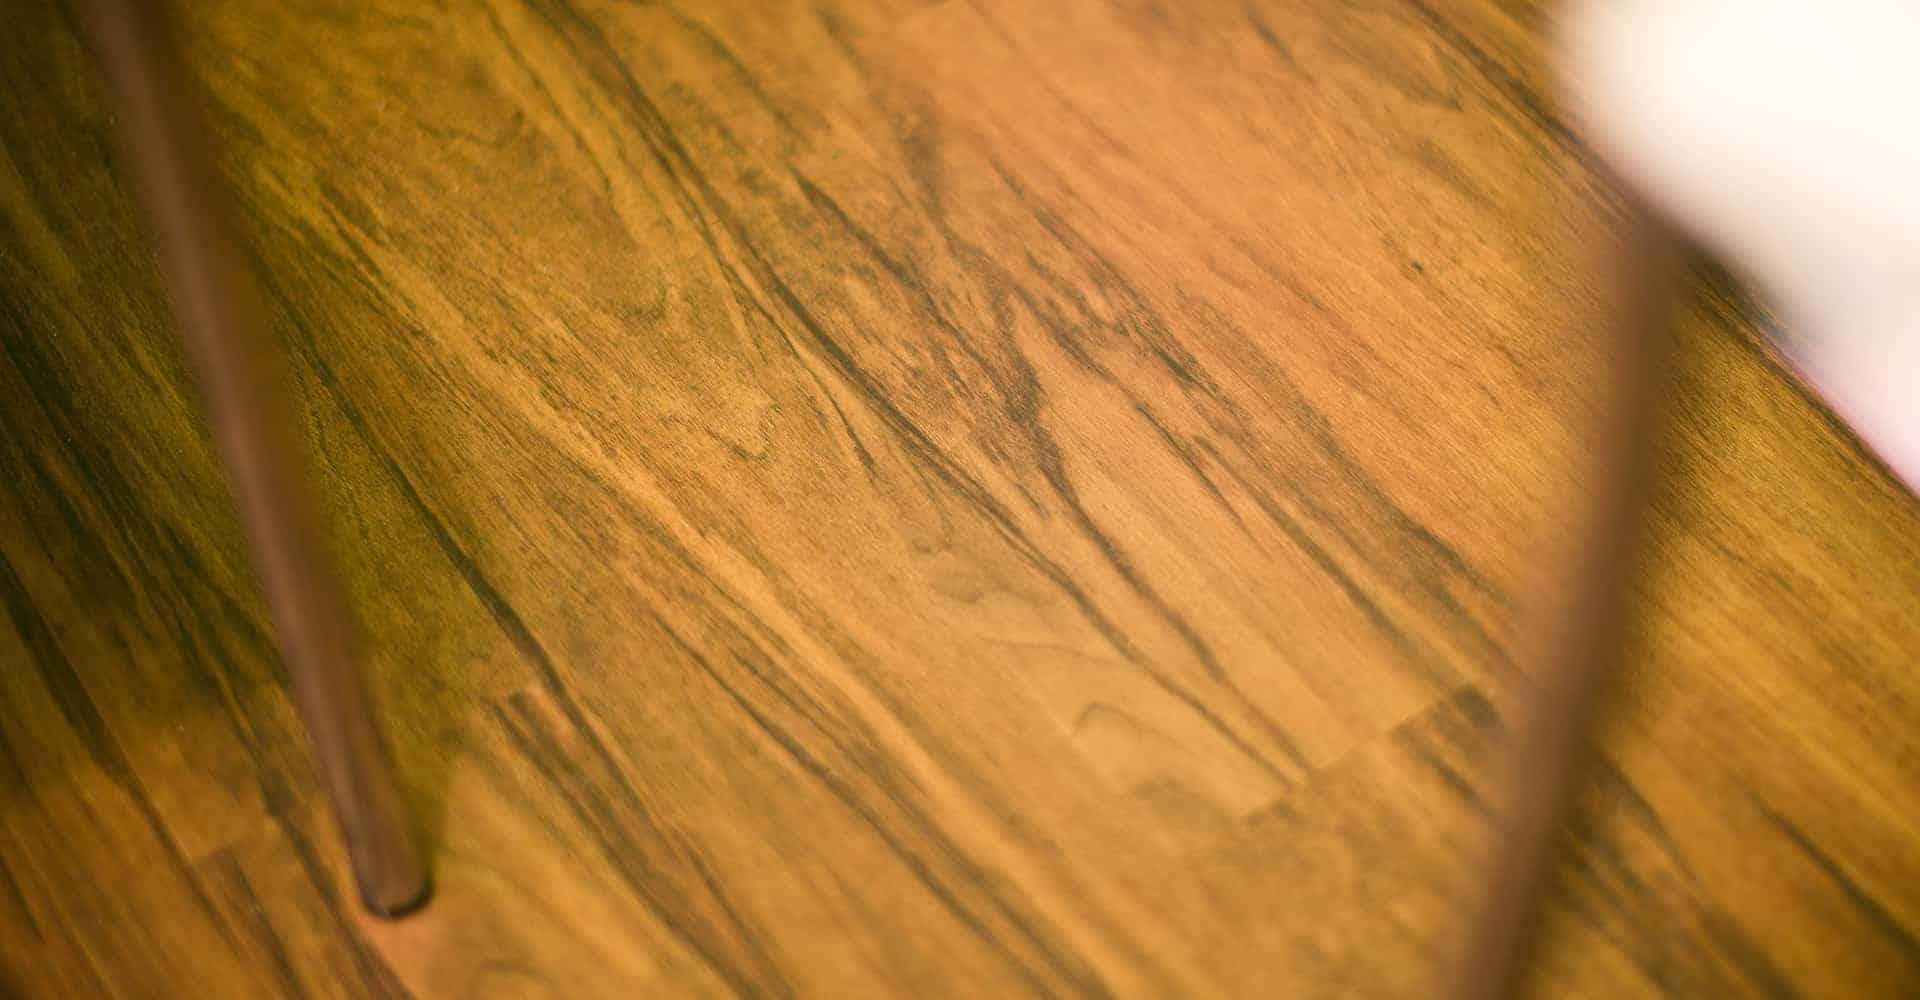 PRAXIS DR. KNAUT DRESDEN | INNENAUSBAU HAUSARZTPRAXIS DRESDEN | Die Allgemeinmedizinerin Frau Dr. Knaut hat bei der Auswahl zu verwendender Produkte für den Innenausbau Ihrer Praxis sehr auf Langlebigkeit und Strapazierfähigkeit geachtet. So viel z.B. die Wahl auf Designerbodenbeläge von objectflor. Die Farbgestaltung sollte farbenfroh und lebendig sein.